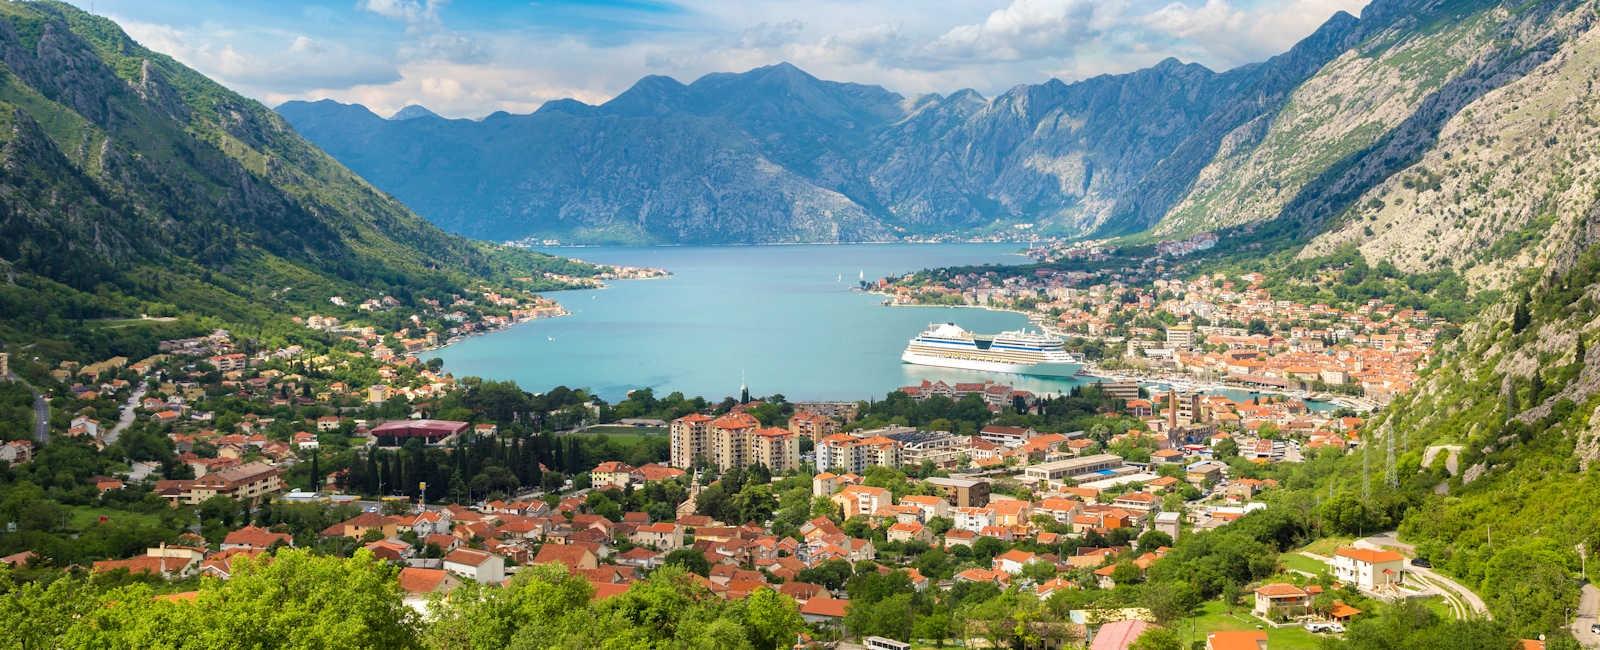 Bay of Kotor, main image